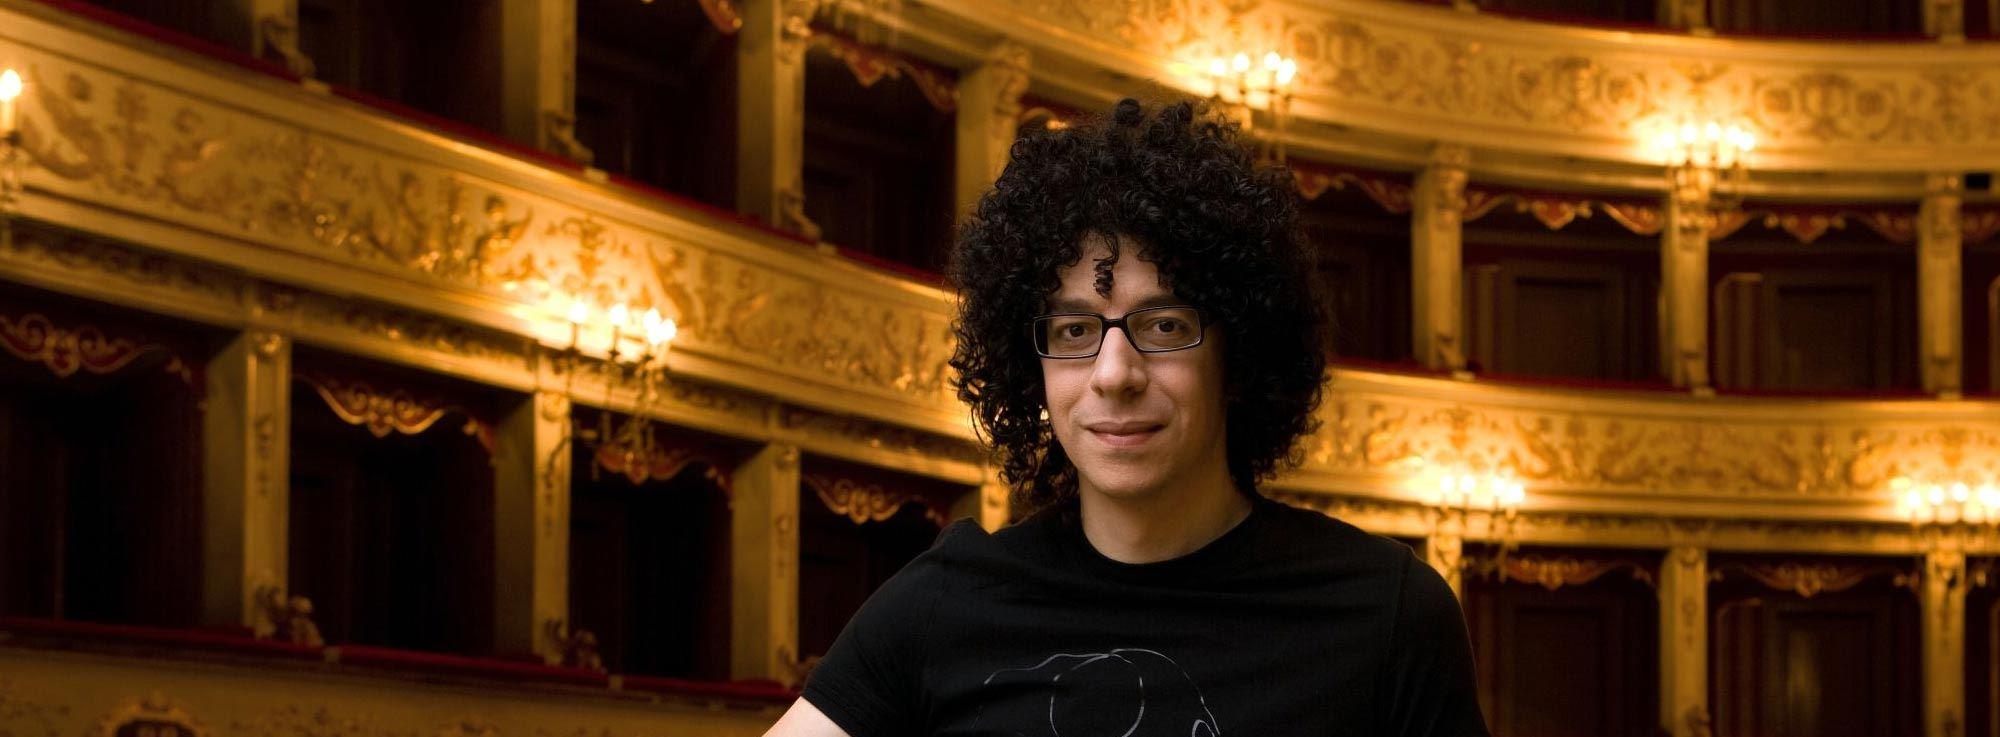 Foggia: Giovanni Allevi in concerto